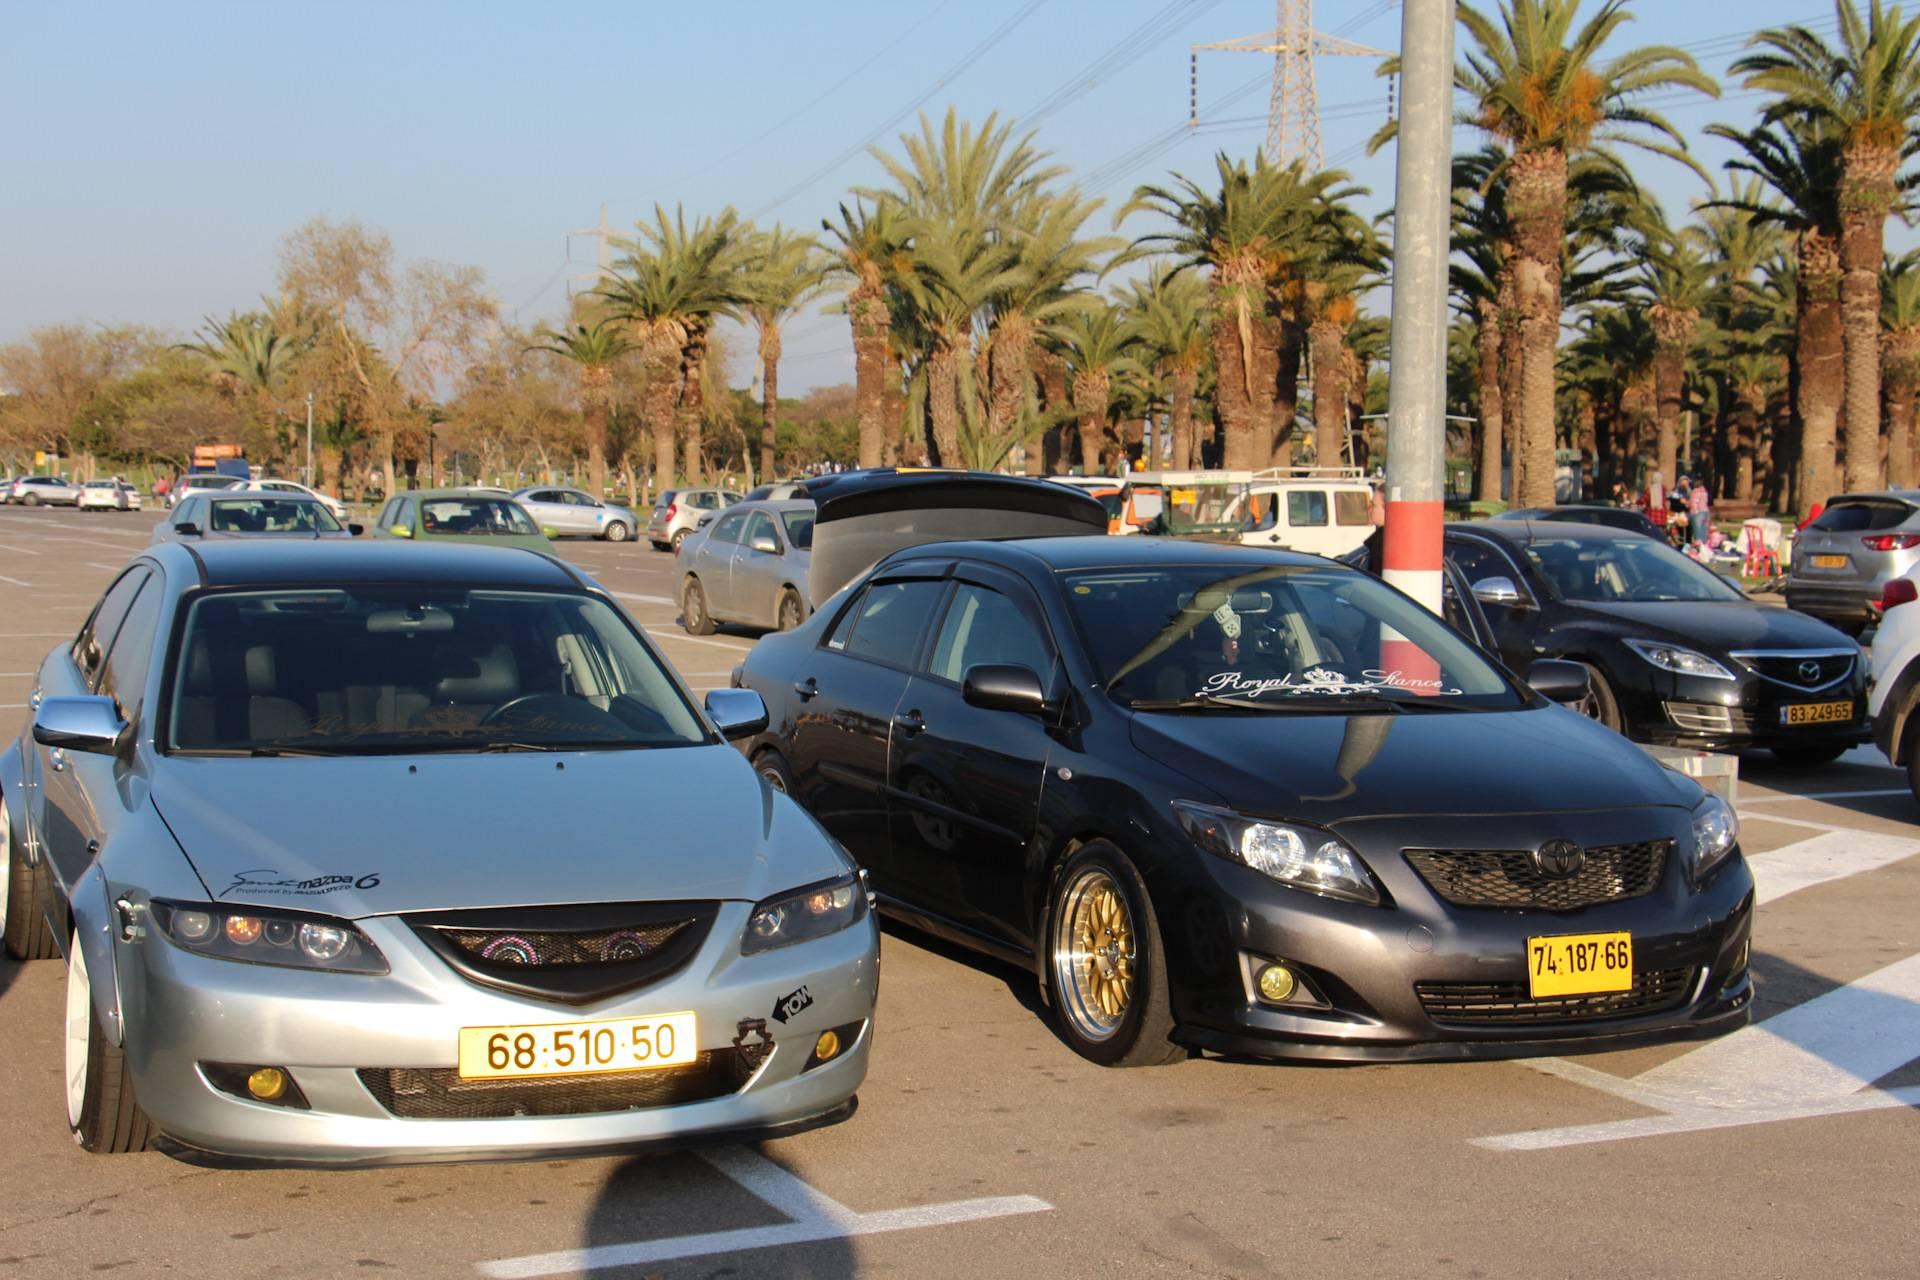 Автомобильная промышленность израиля — циклопедия